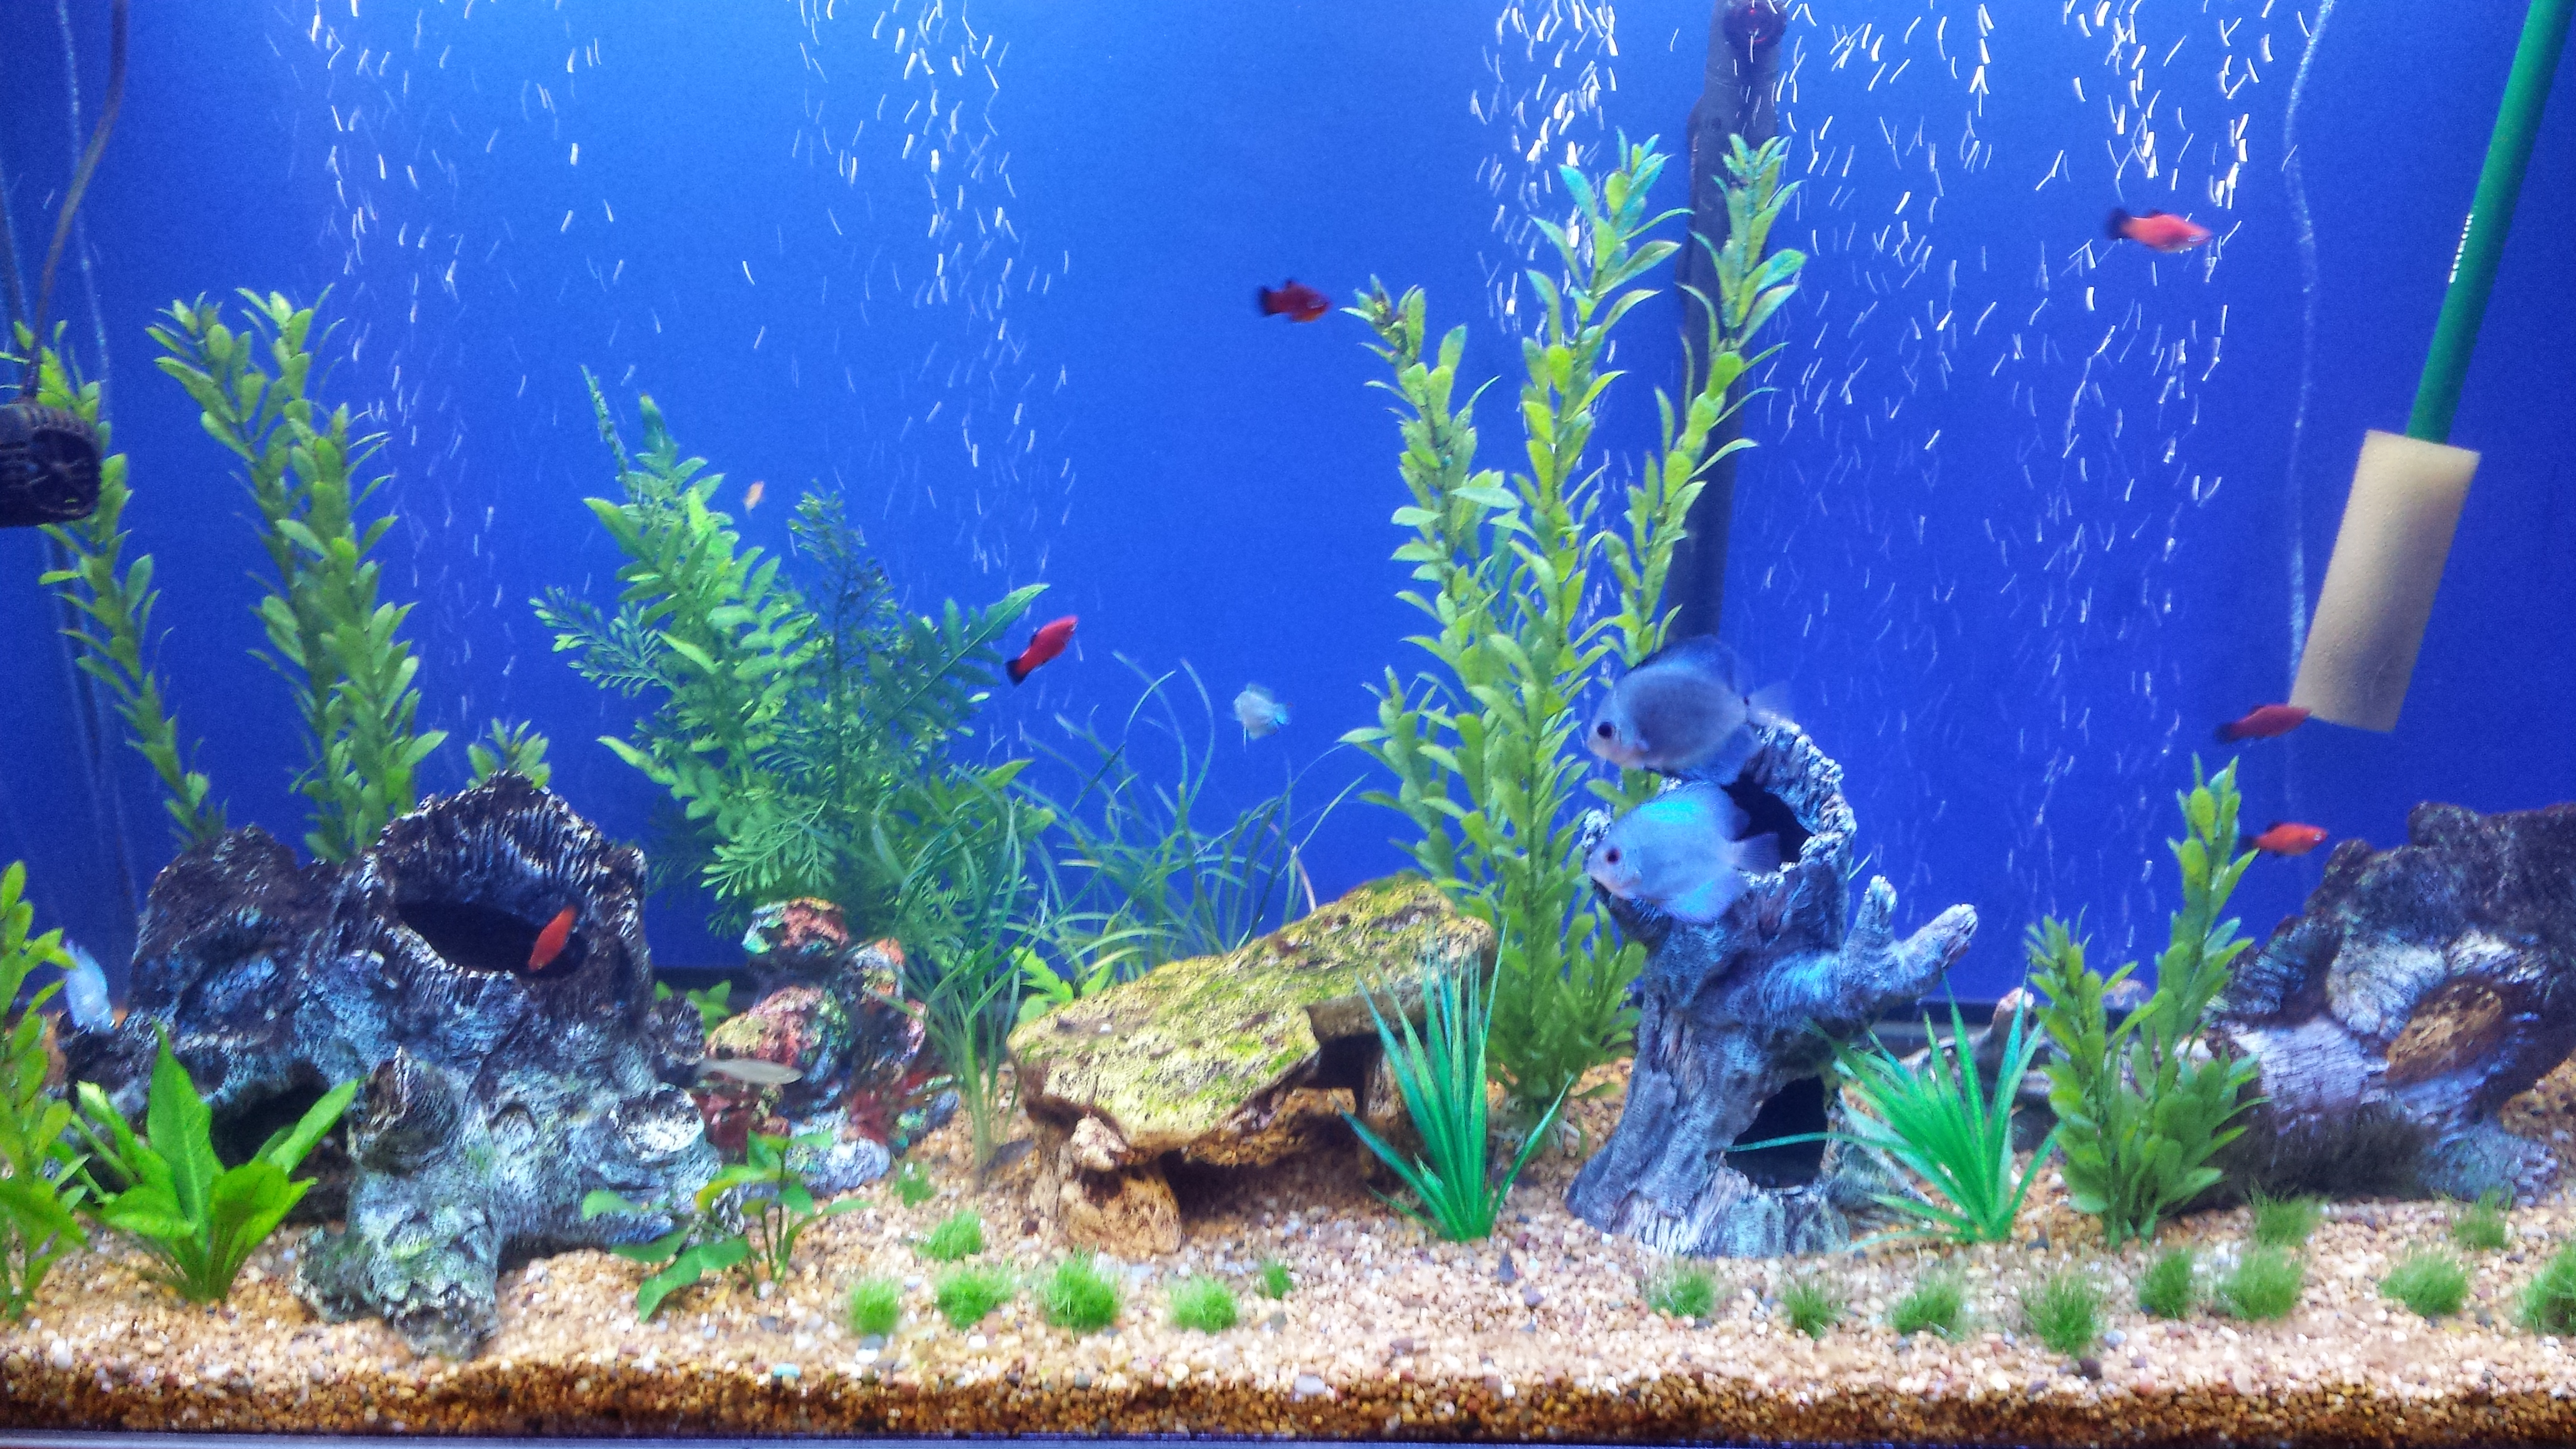 Fish tank backgrounds to. Aquarium clipart aquarium background